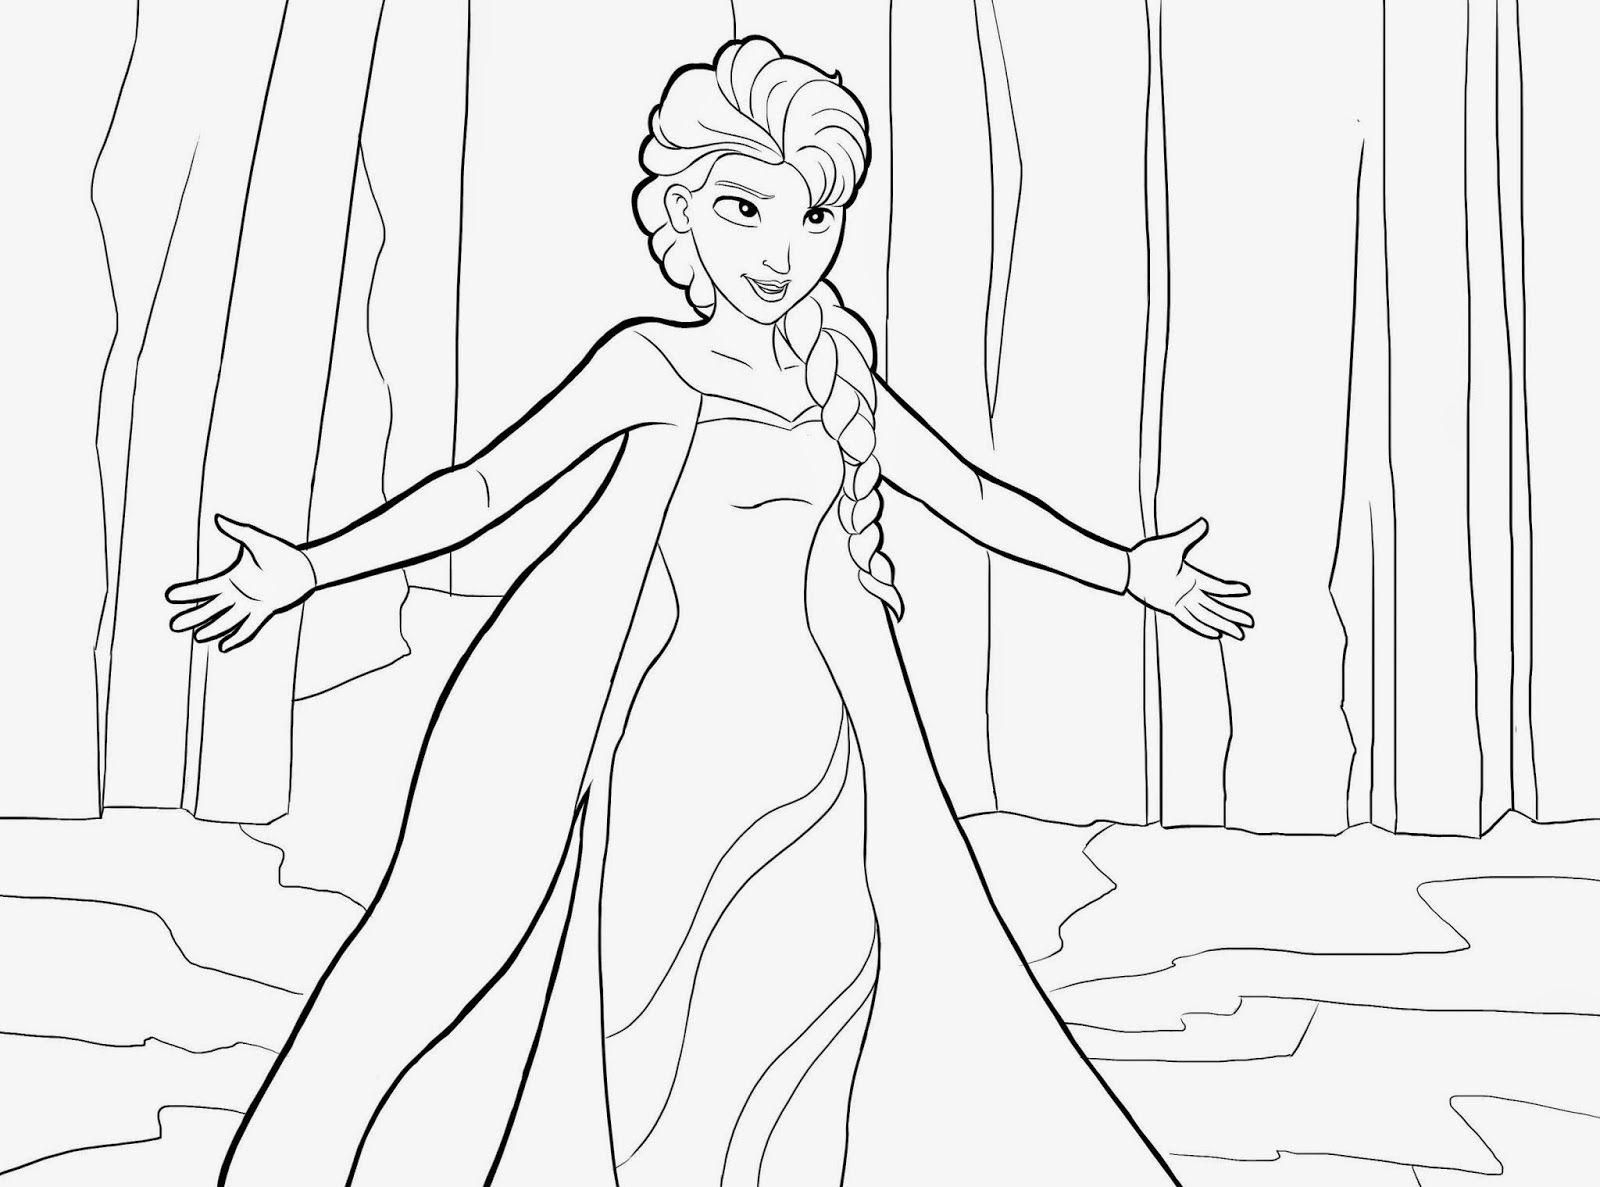 Ausmalbilder Eiskönigin Anna Und Elsa : Ausmalbilder Eisk Nigin 03 Frozen Pinterest